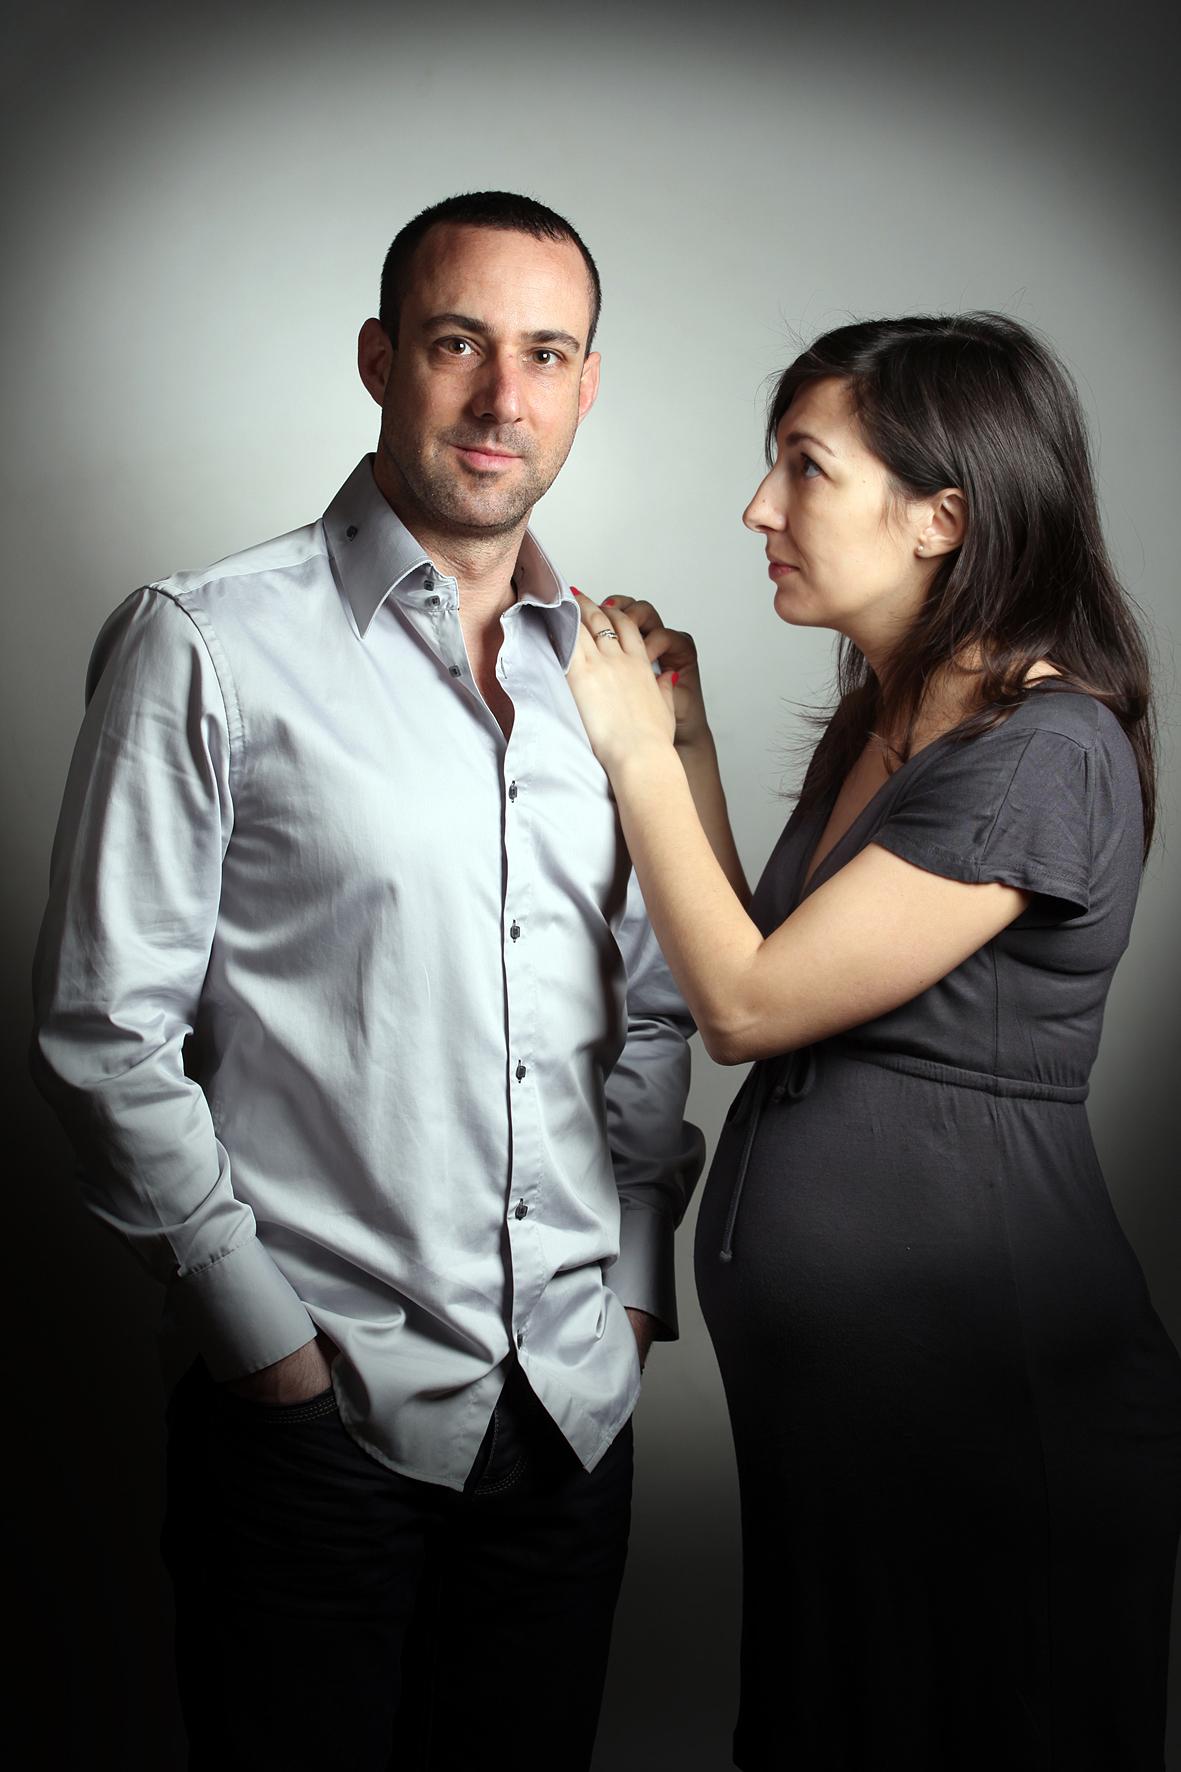 séance-photos, grossesse, portrait